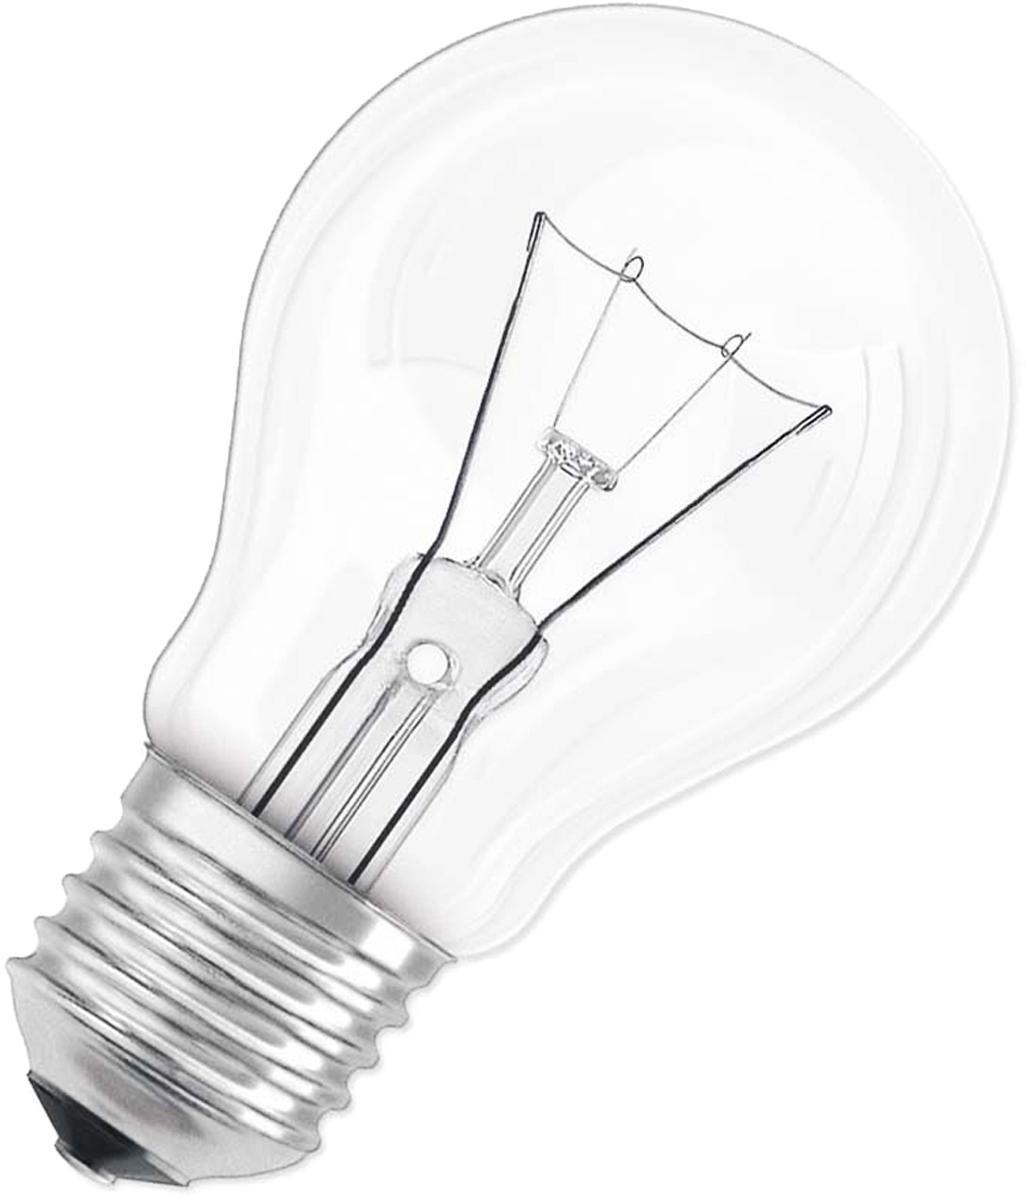 Лампа накаливания Osram Classic A CL 95W 230V E27 NCE. 40580750278314058075027831Конструкция лампы состоит из стеклянной колбы, заполненной инертным газом. Основу устройства составляет тело накала или вольфрамовая спираль, которая под воздействием электрического тока начинает излучать свечение.Лампы накаливания используются для всеобщего, местного и наружного освещения в быту и промышленности в сетях переменного тока напряжением 220 В частотой 50 Гц.